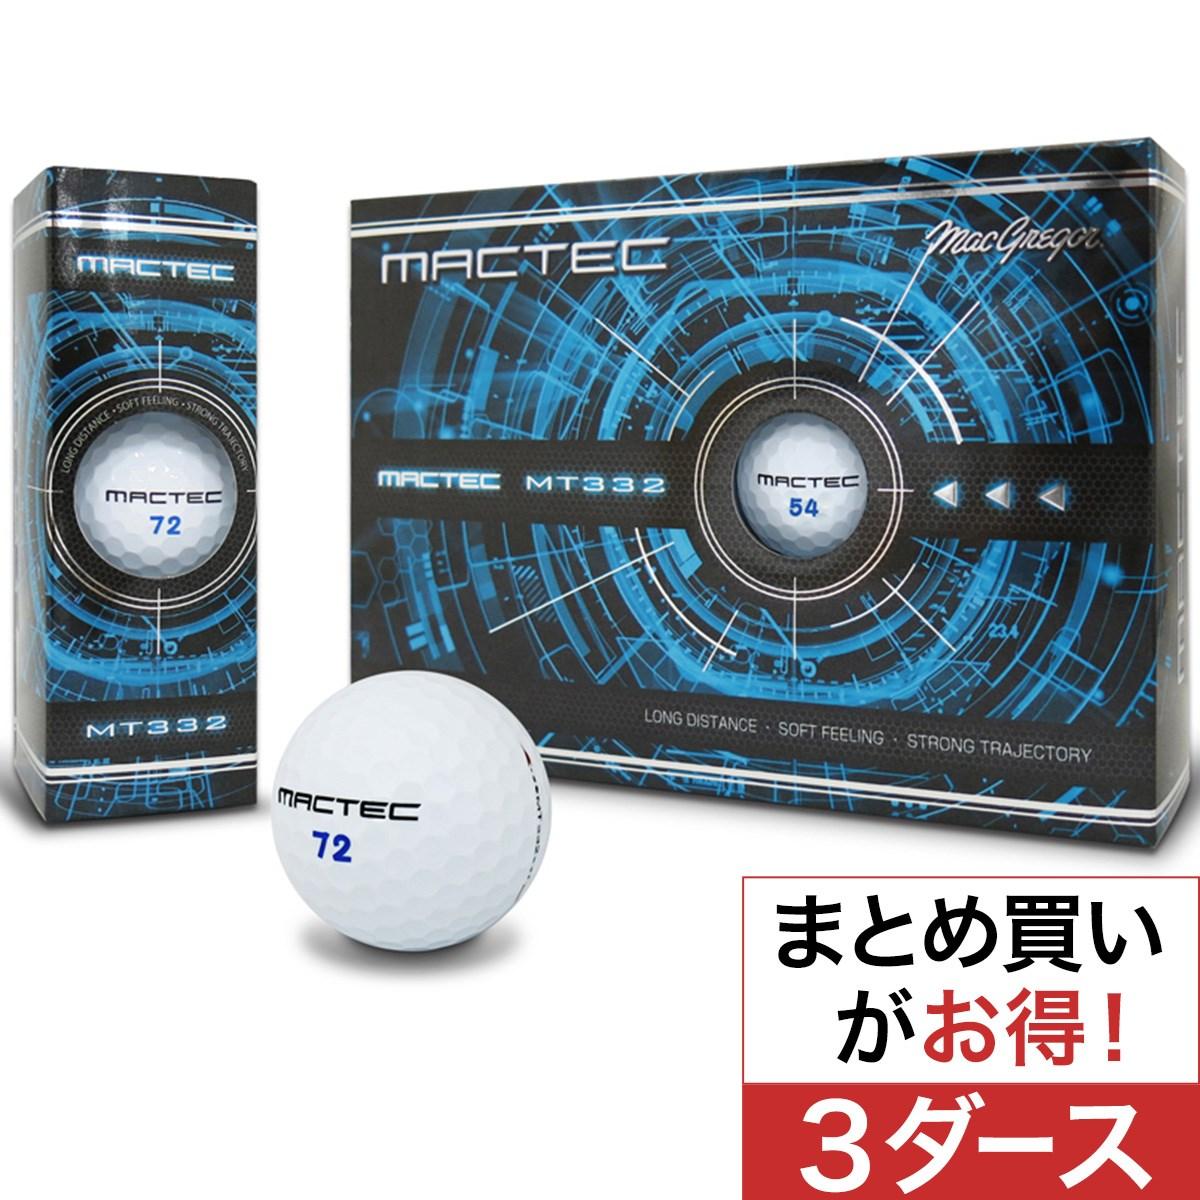 マックテック MT332 スリーピースボール 3ダースセット